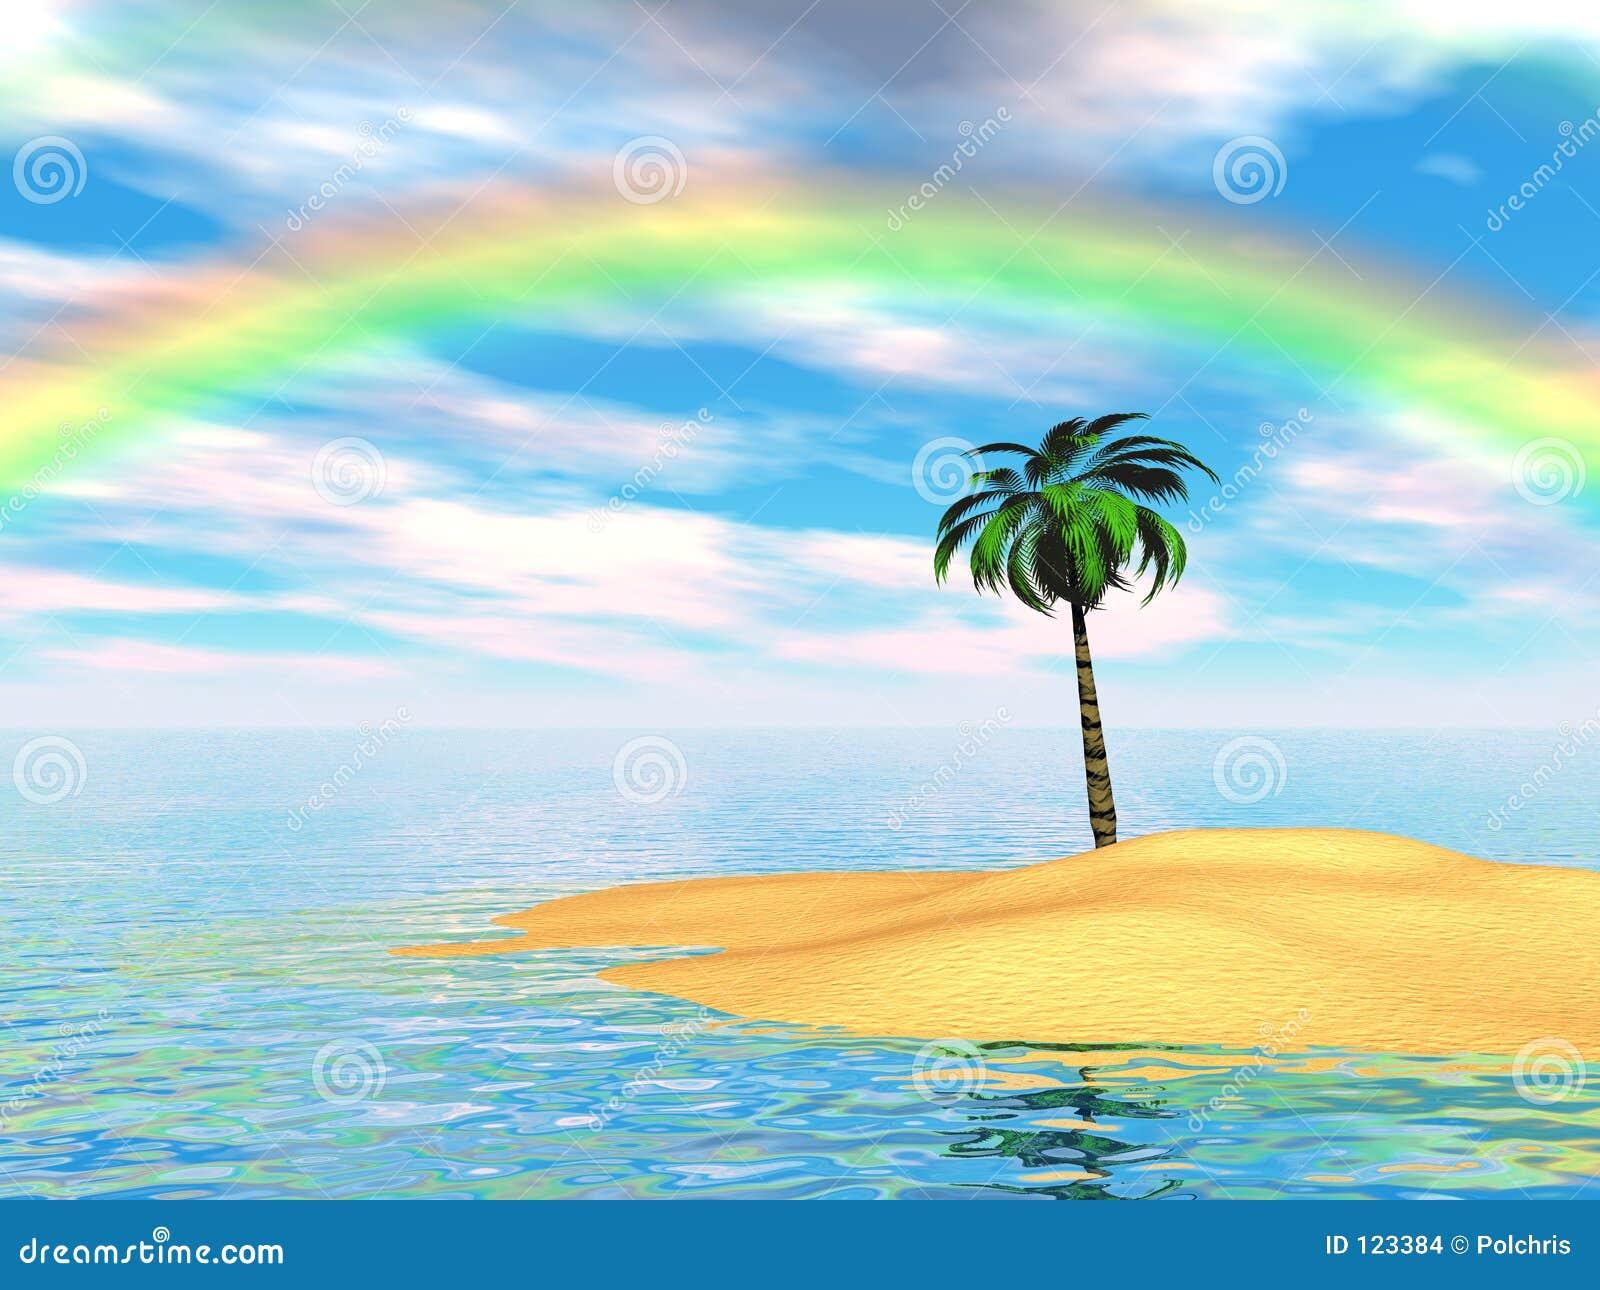 palmen regenbogen insel stockbilder bild 123384. Black Bedroom Furniture Sets. Home Design Ideas